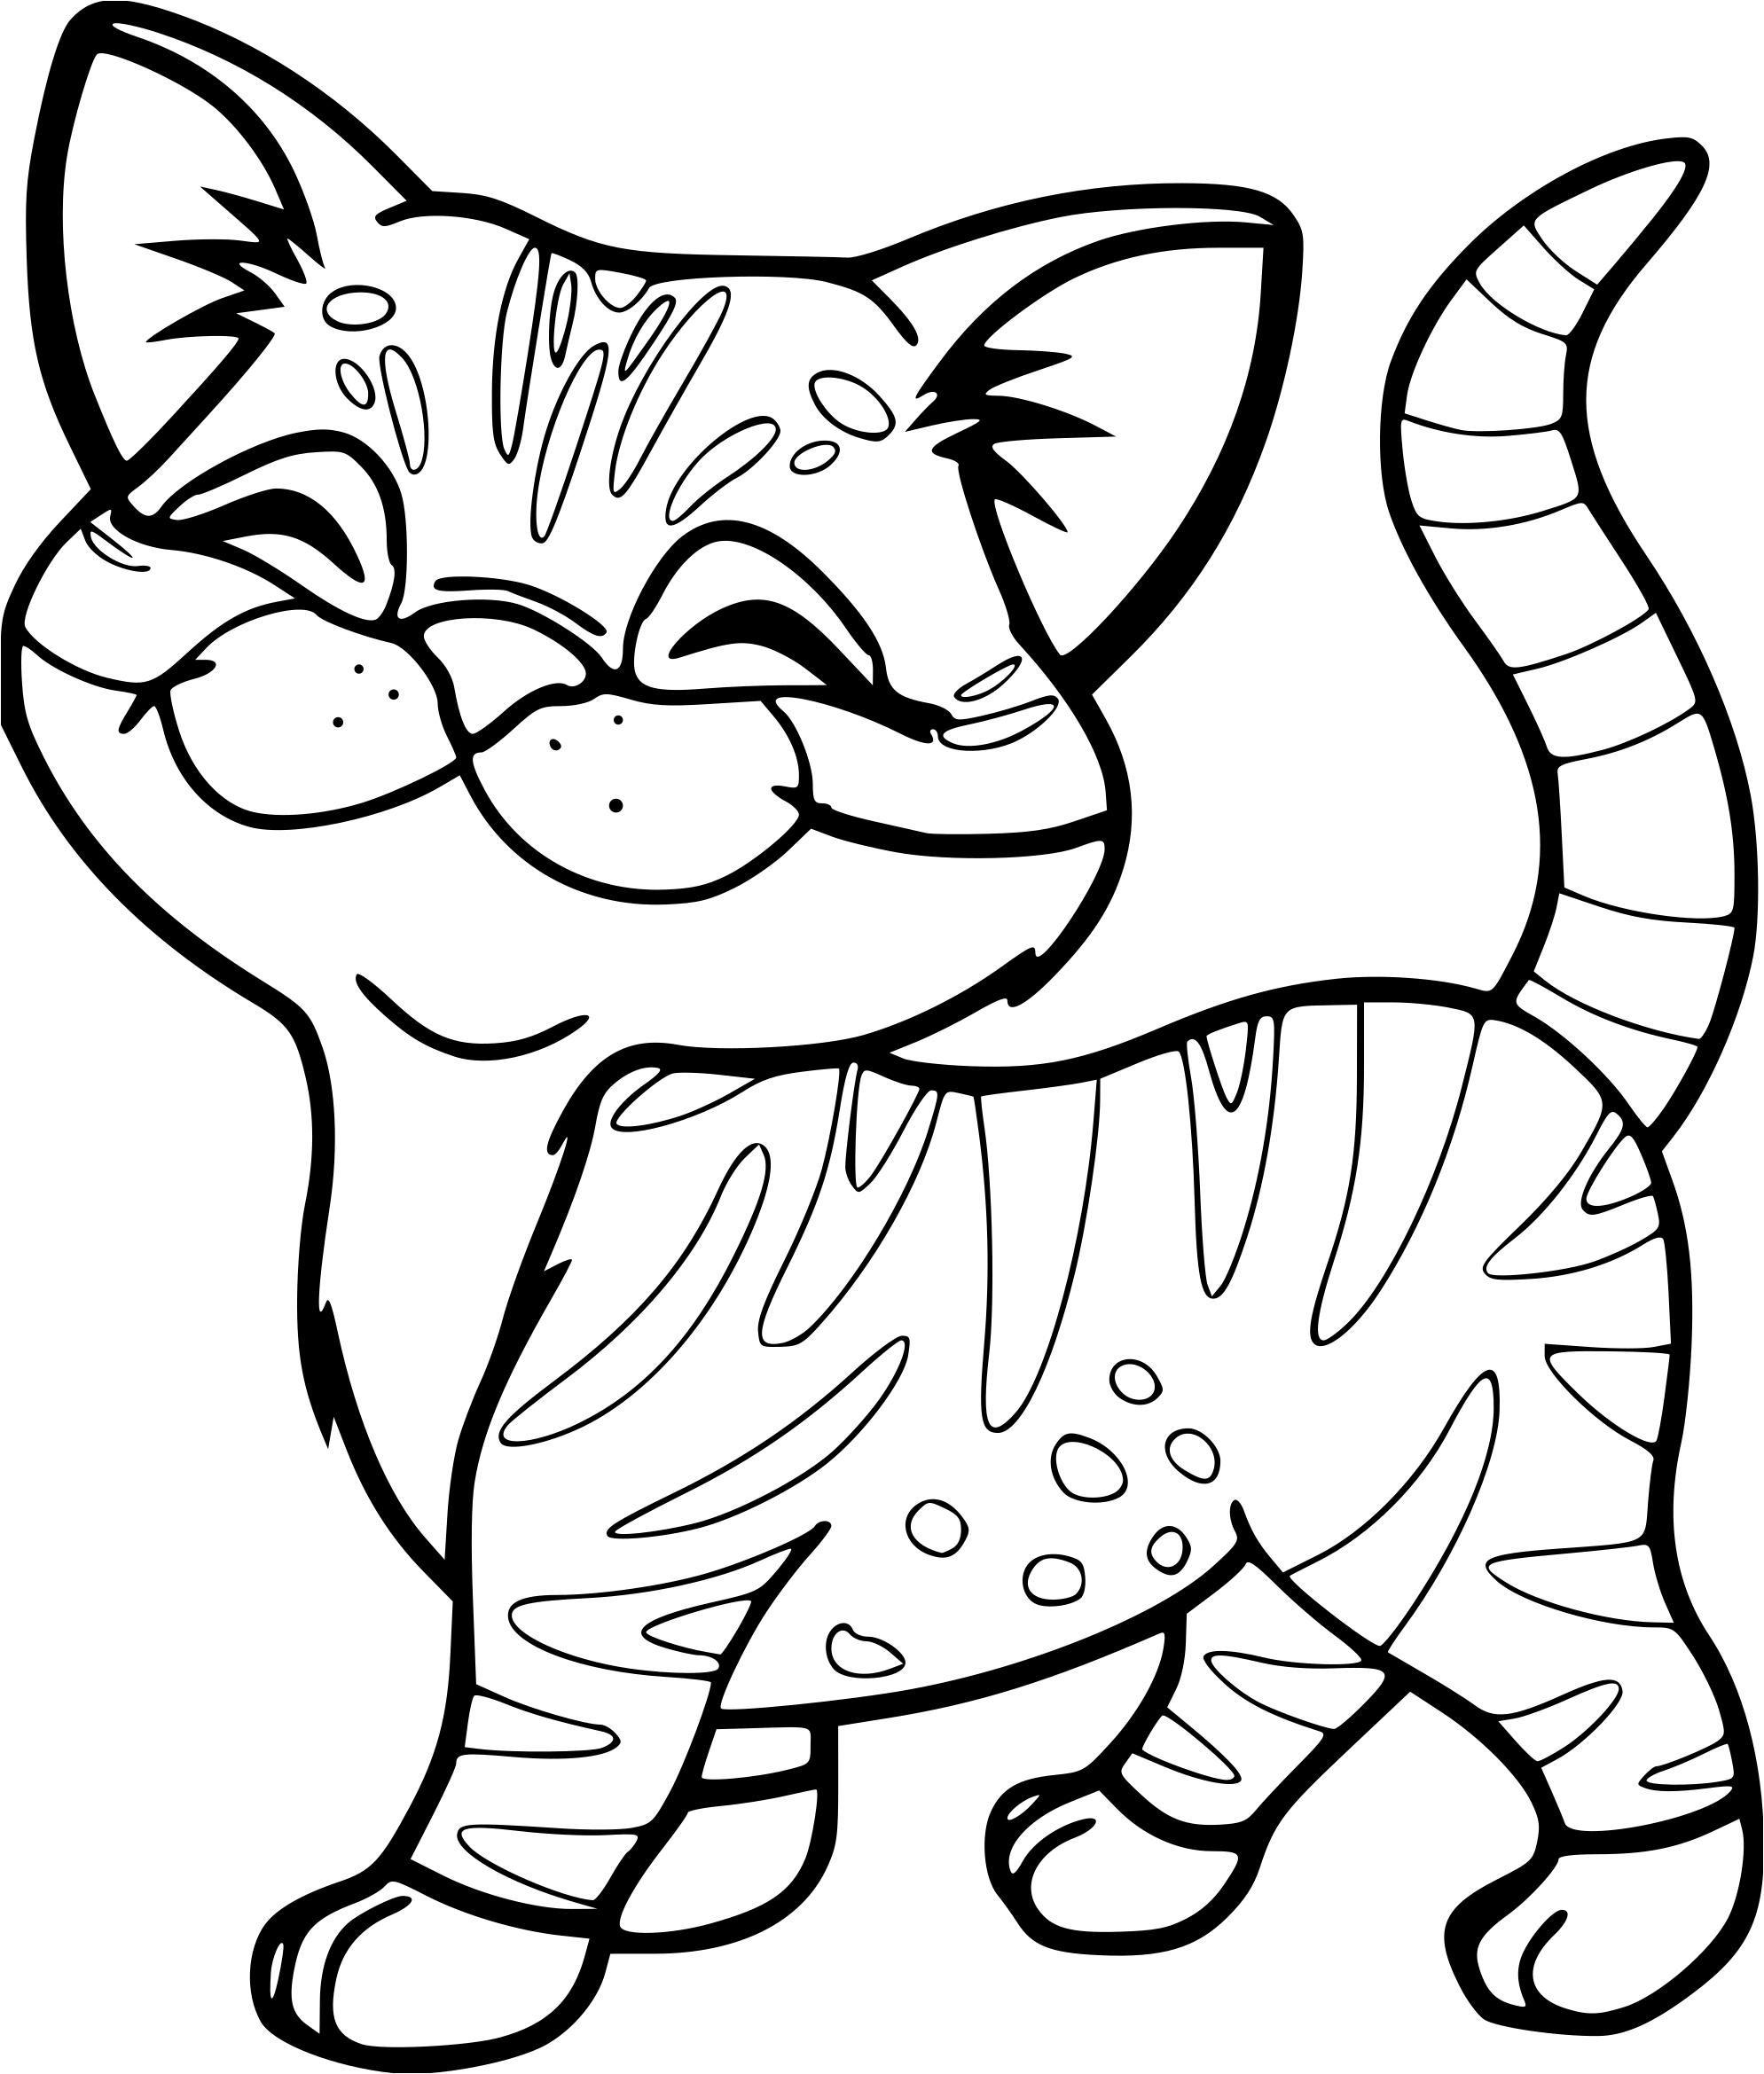 Coloriage Animaux Mignon Inspiration Coloriage Animaux De La concernant Dessin À Colorier En Ligne Gratuit